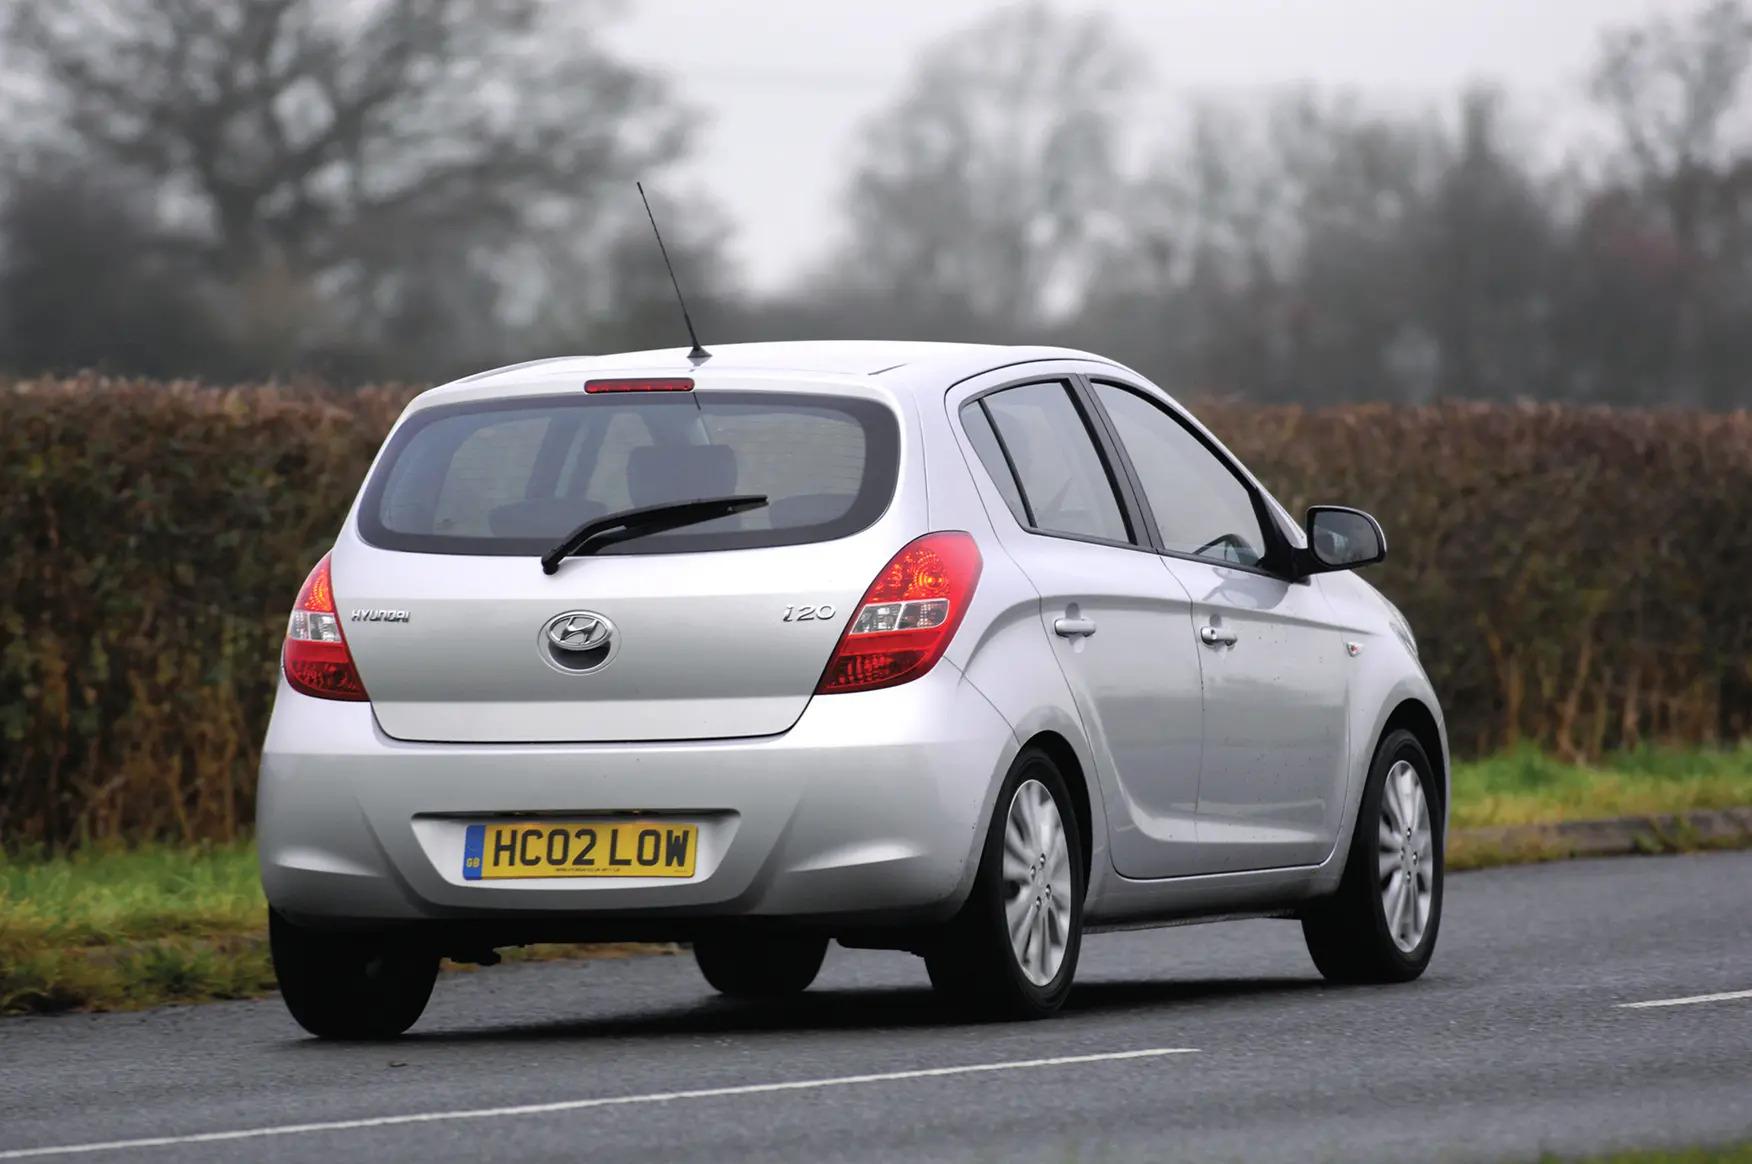 Auto-per-neopatentati-Hyundai-i20-posteriore